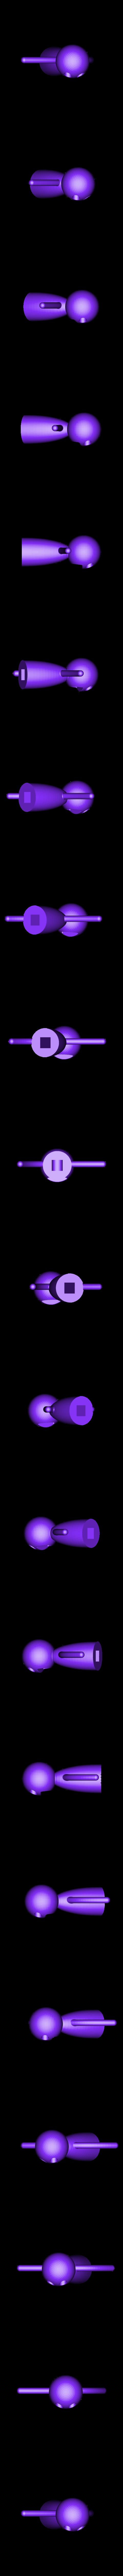 Function_Stickman_y-ex_top.stl Télécharger fichier STL gratuit Dancing Function Stickmen • Plan pour impression 3D, Chrisibub